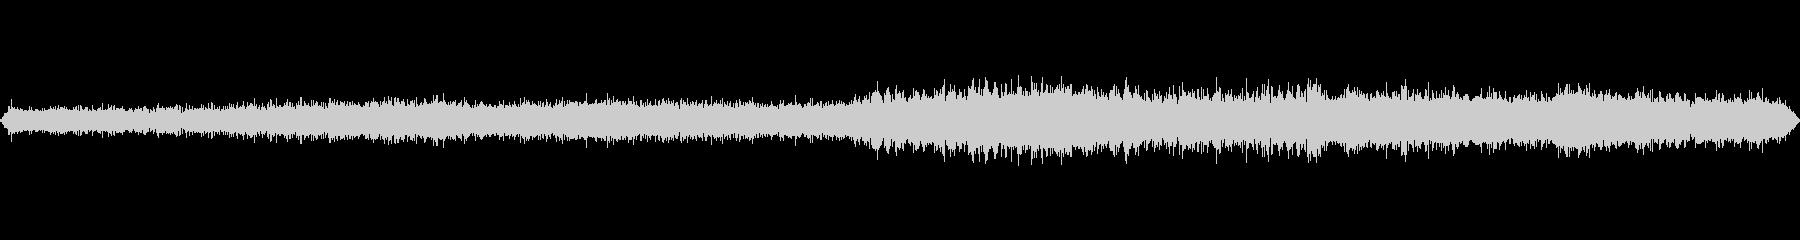 東京地下鉄の車内環境音tsAの未再生の波形